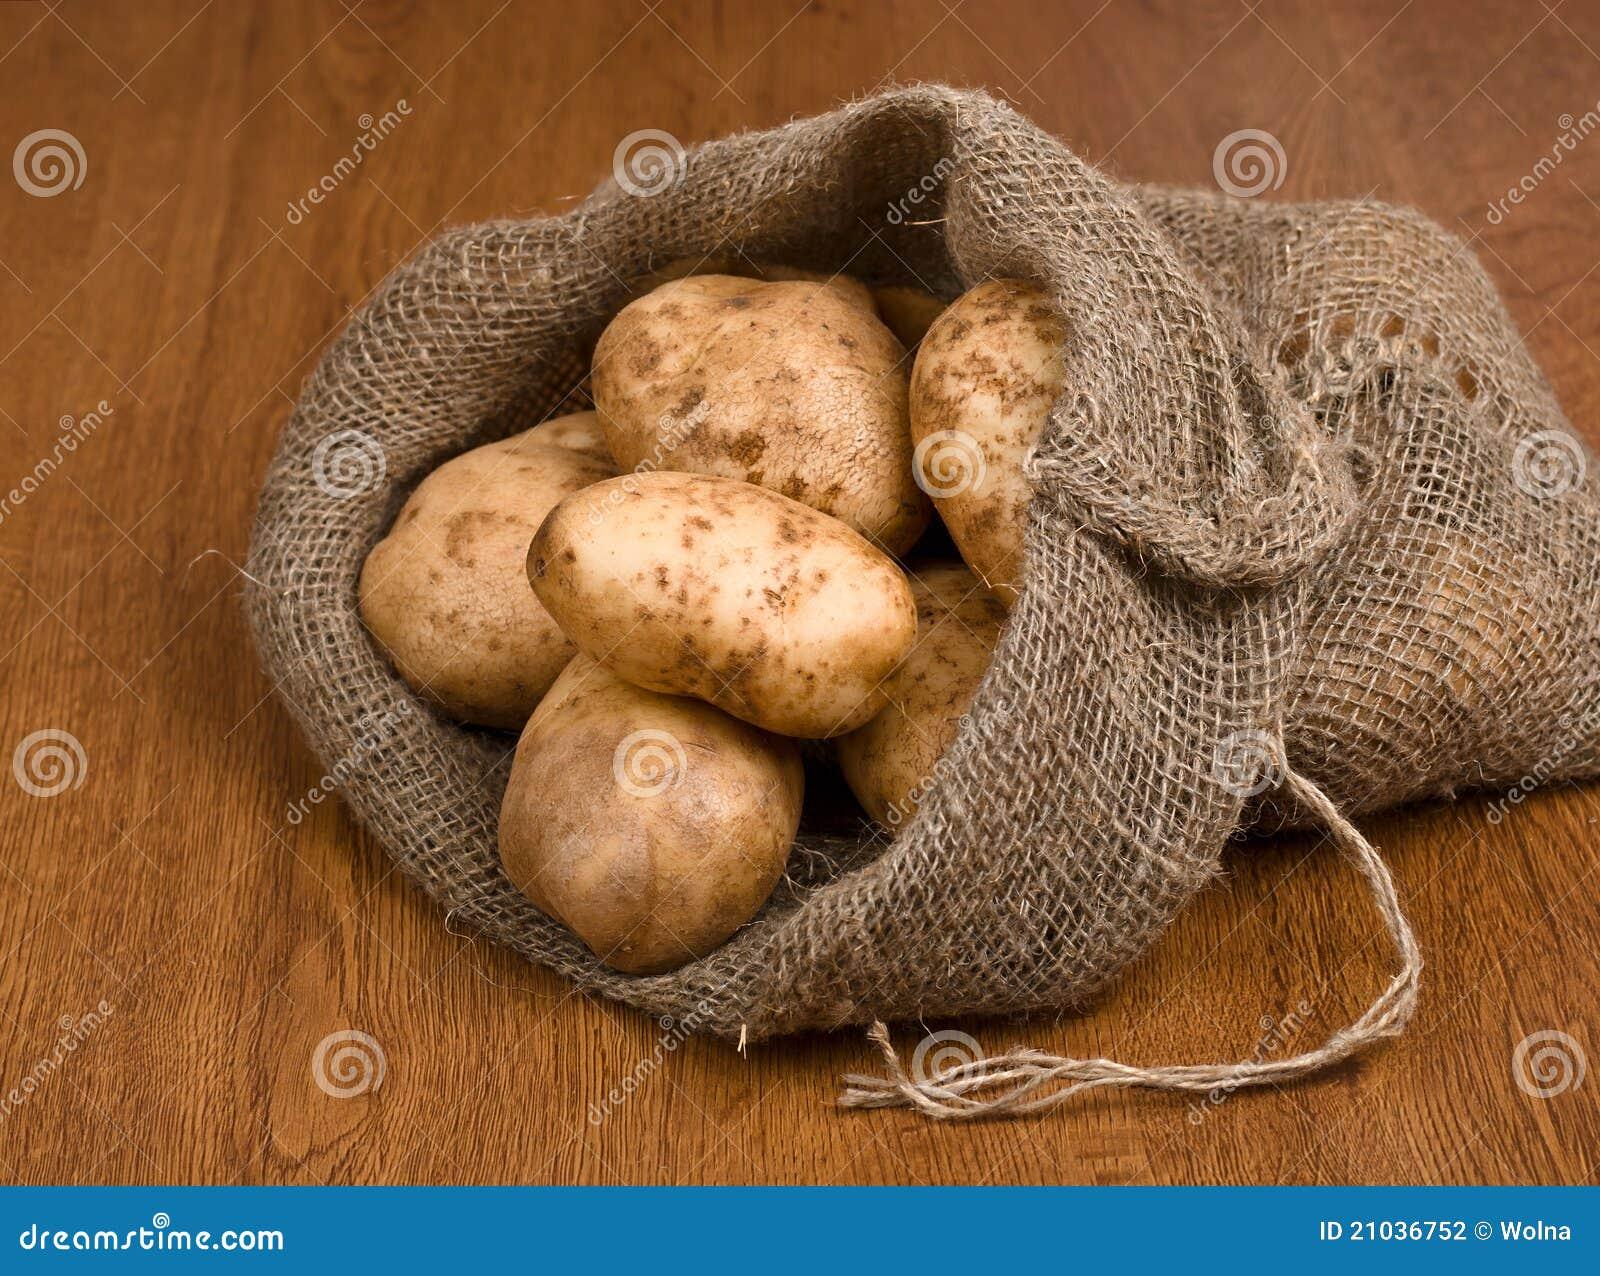 Pommes de terre de moisson dans le sac à toile de jute, de côté